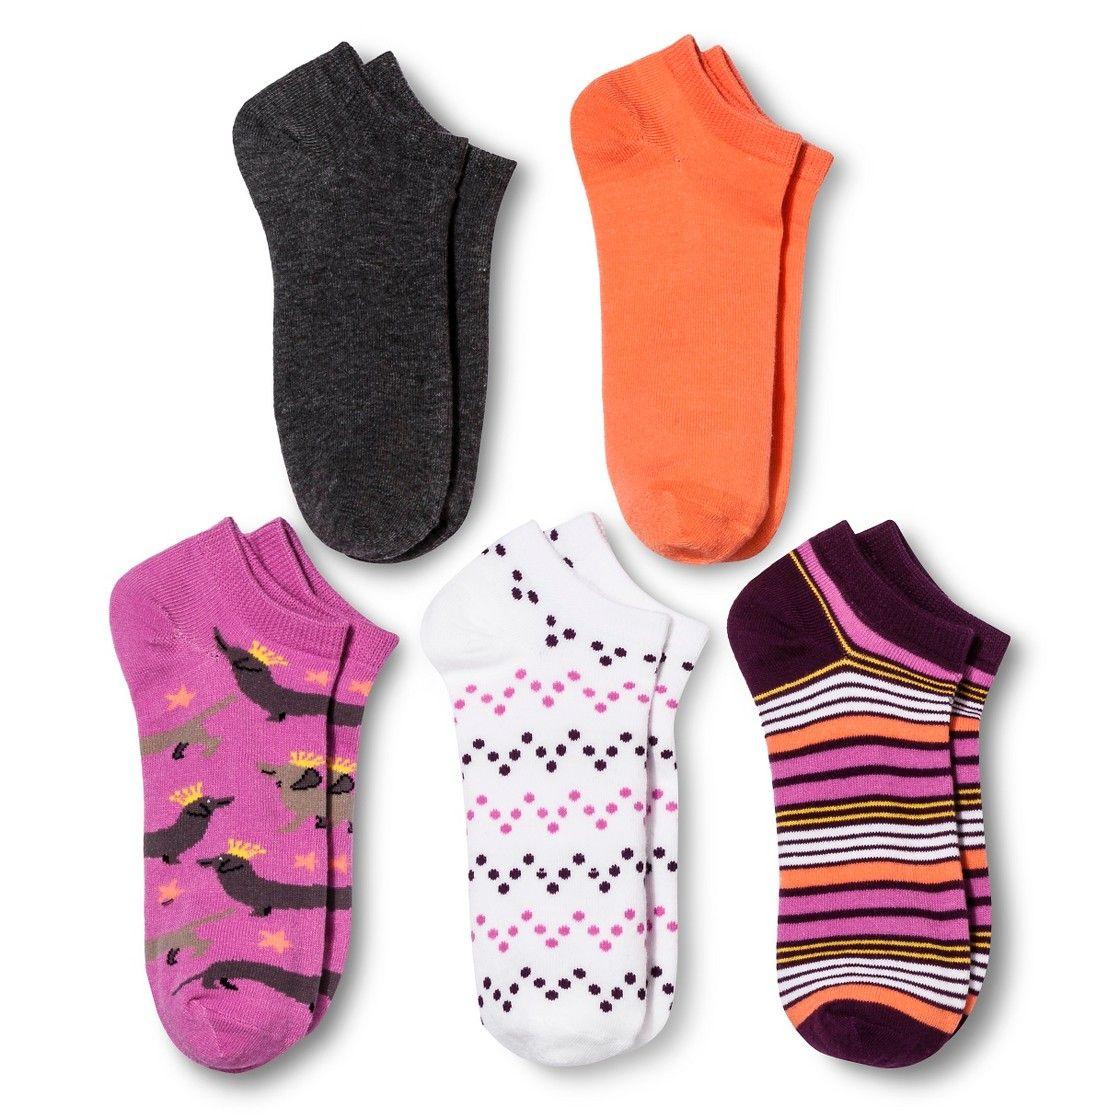 Women's Low Cut Socks 5pk Wiener Dog Kings 4-10 - Xhilaration  - Women's Low Cut Socks 5pk Wiener Dog Kings 4-10 - Xhilaration